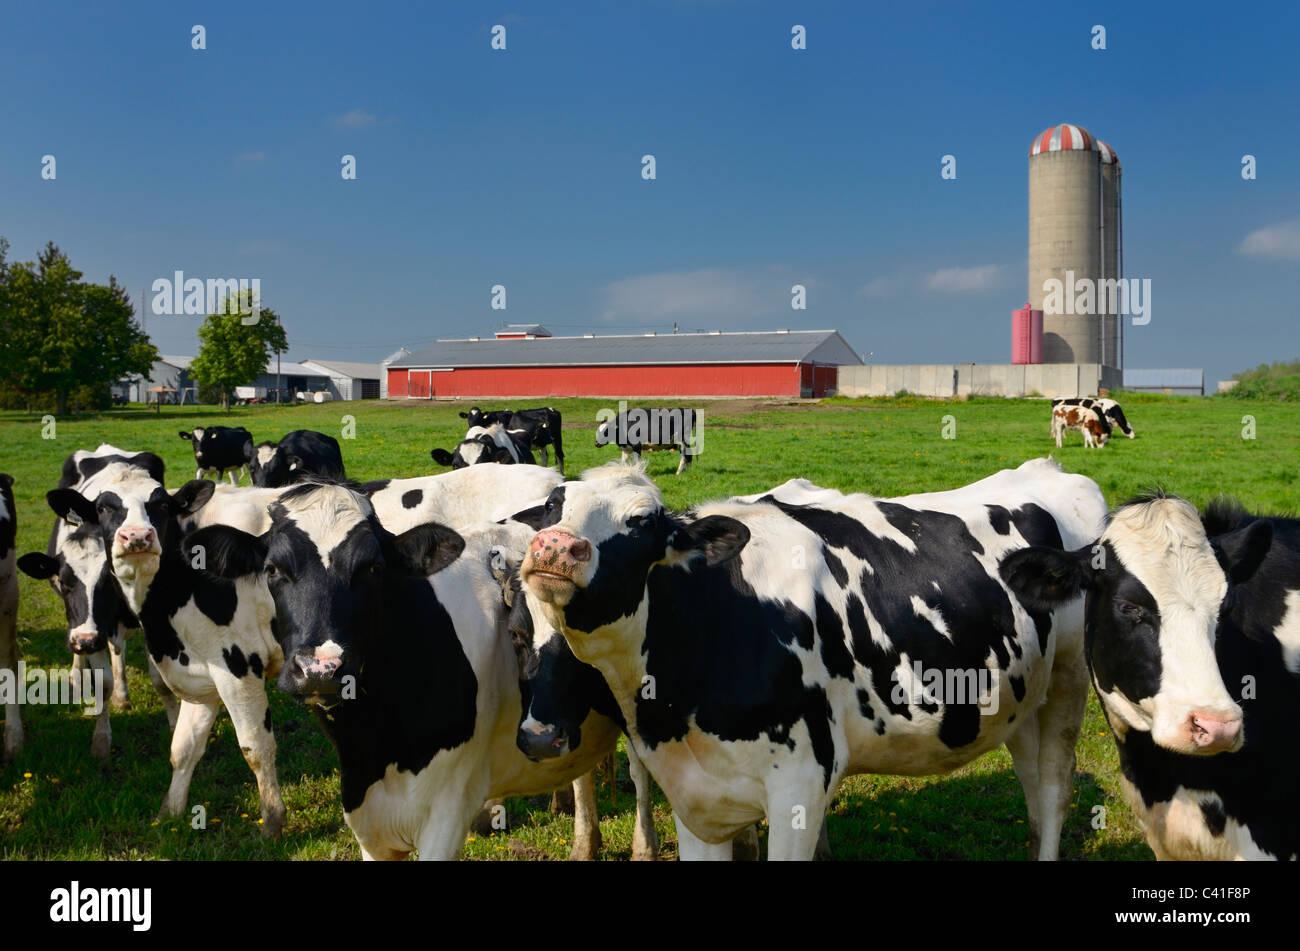 Curioso bovini di razza Holstein su di una fattoria di caseificio in Ontario rurale con fienile e silo Immagini Stock